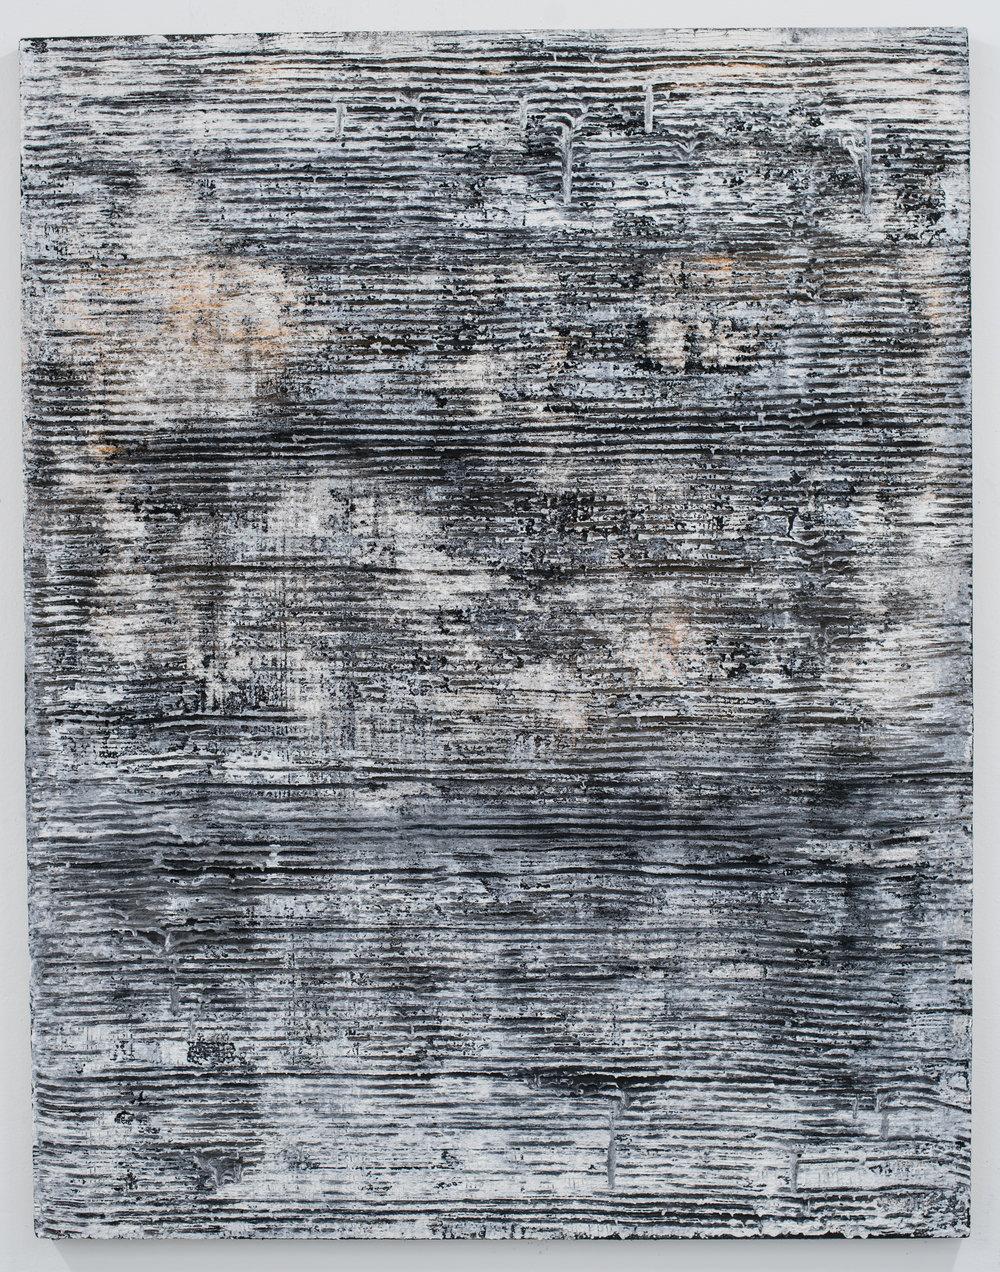 Sin título , 2018  Técnica mixta sobre lino  146 x 114 cm